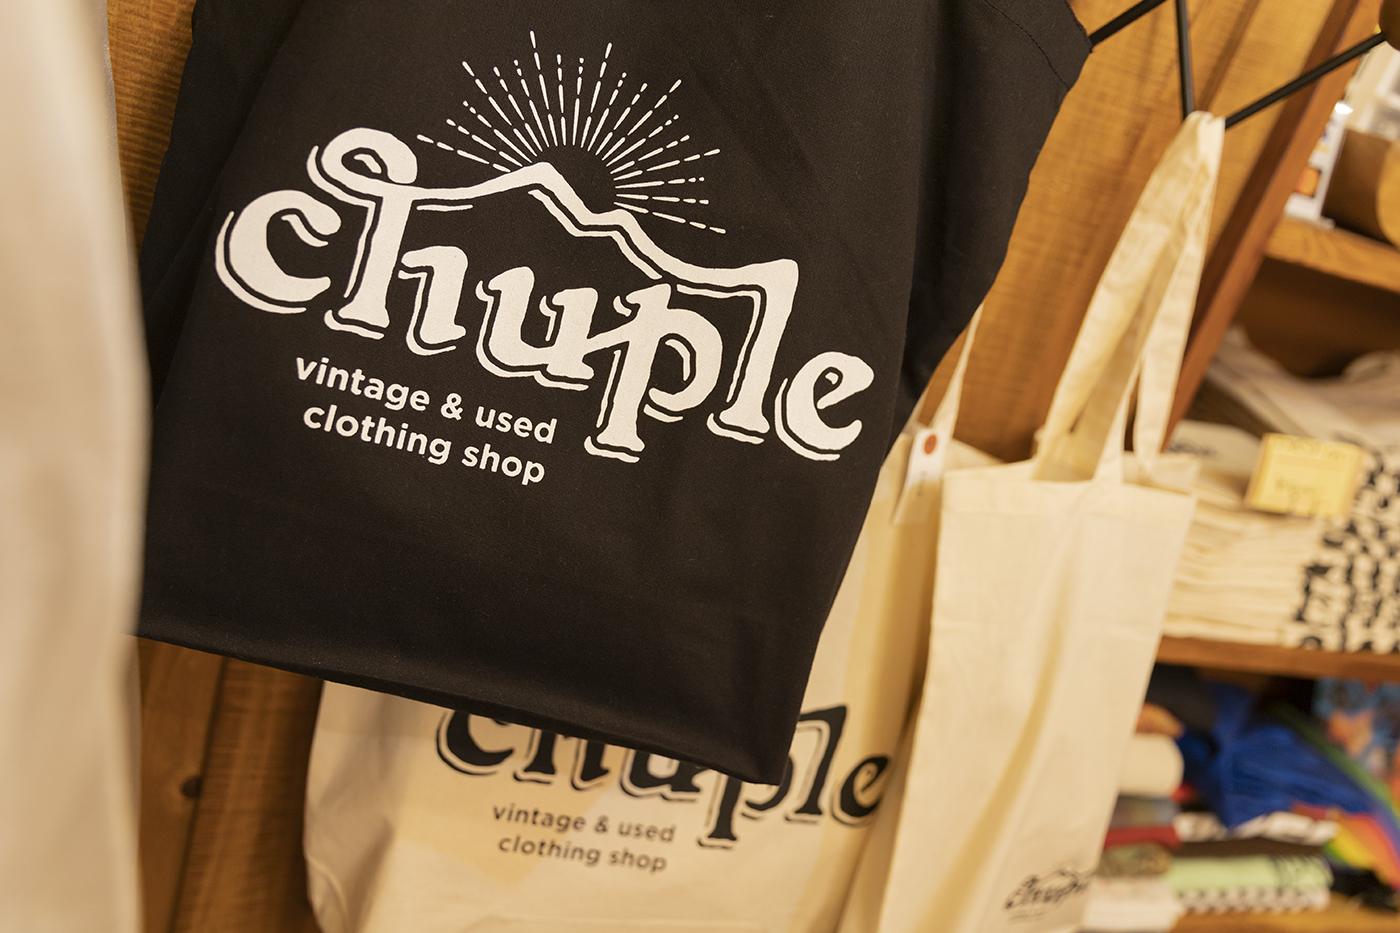 古着屋「chuple」のオリジナルトートバッグ。太陽が山間から昇るようなお店のロゴが描かれている